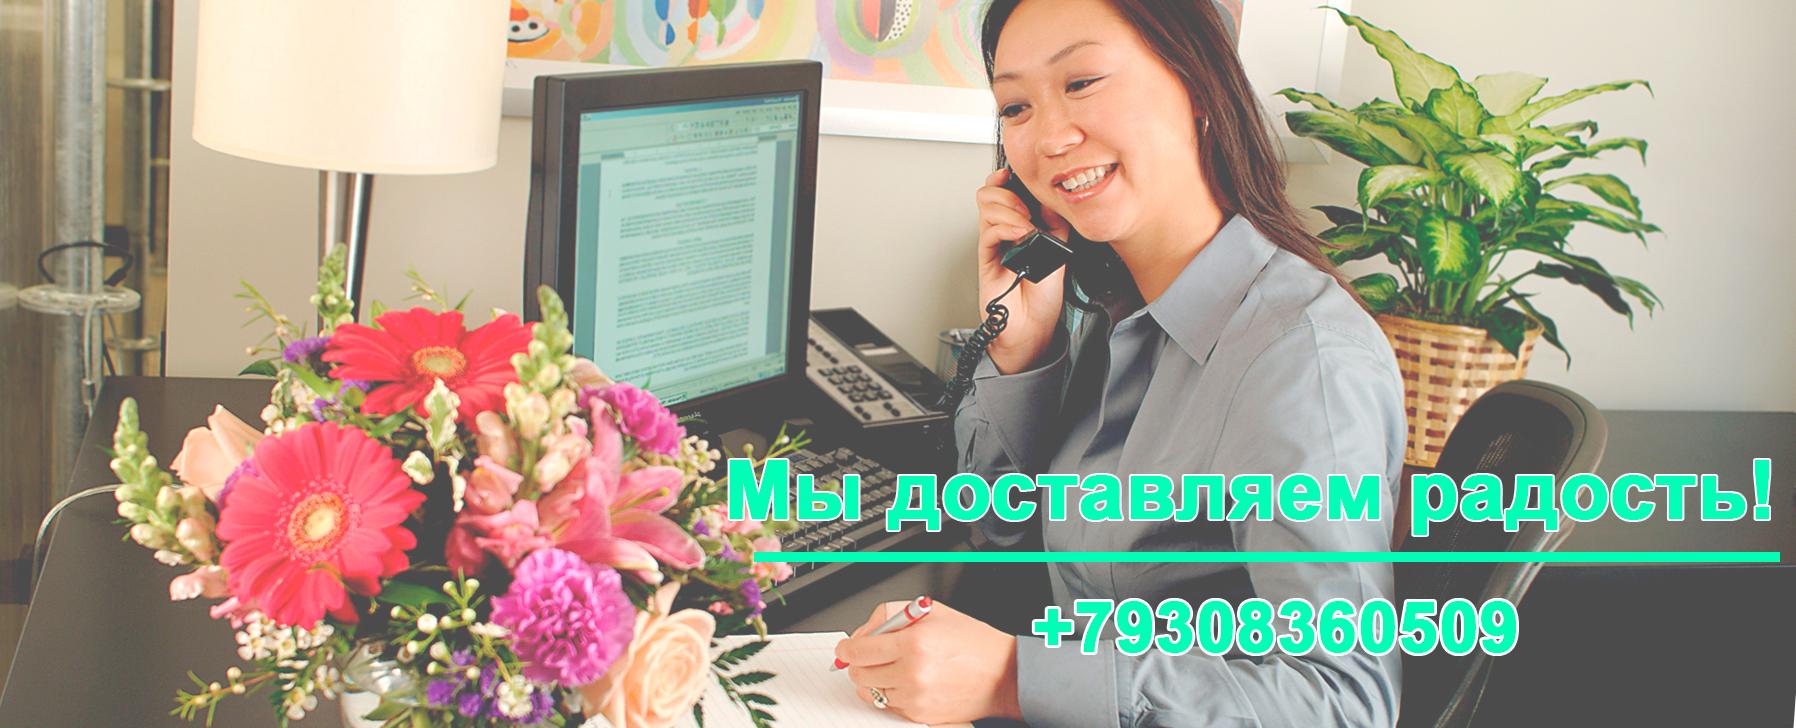 Доставка цвветов в офис - на фото счастливый сотрудник.